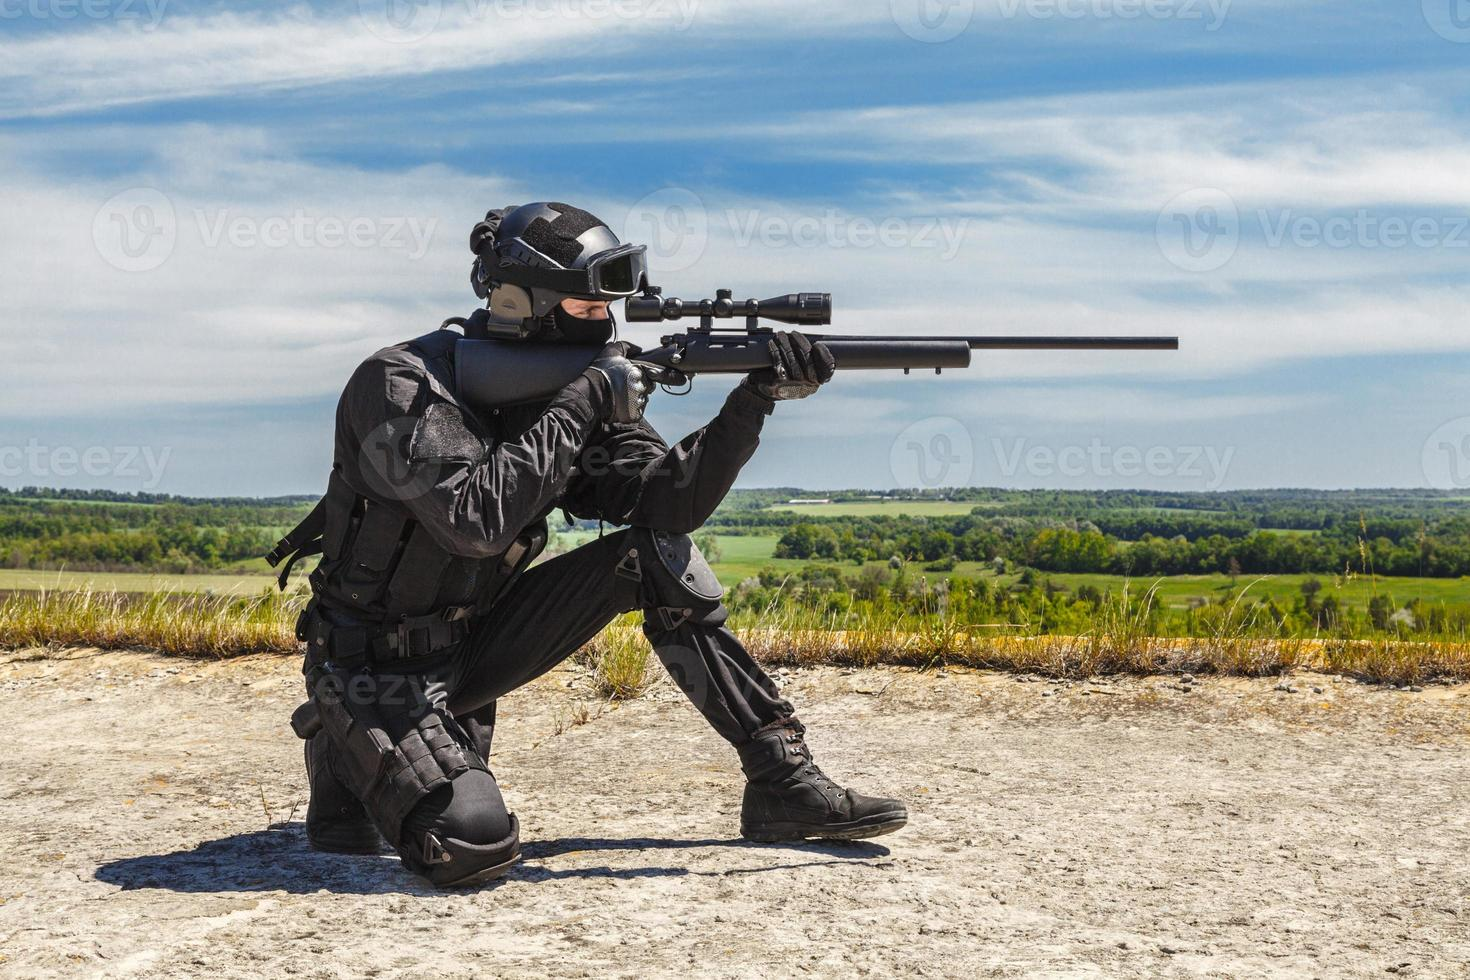 Polizeischarfschütze in Aktion foto